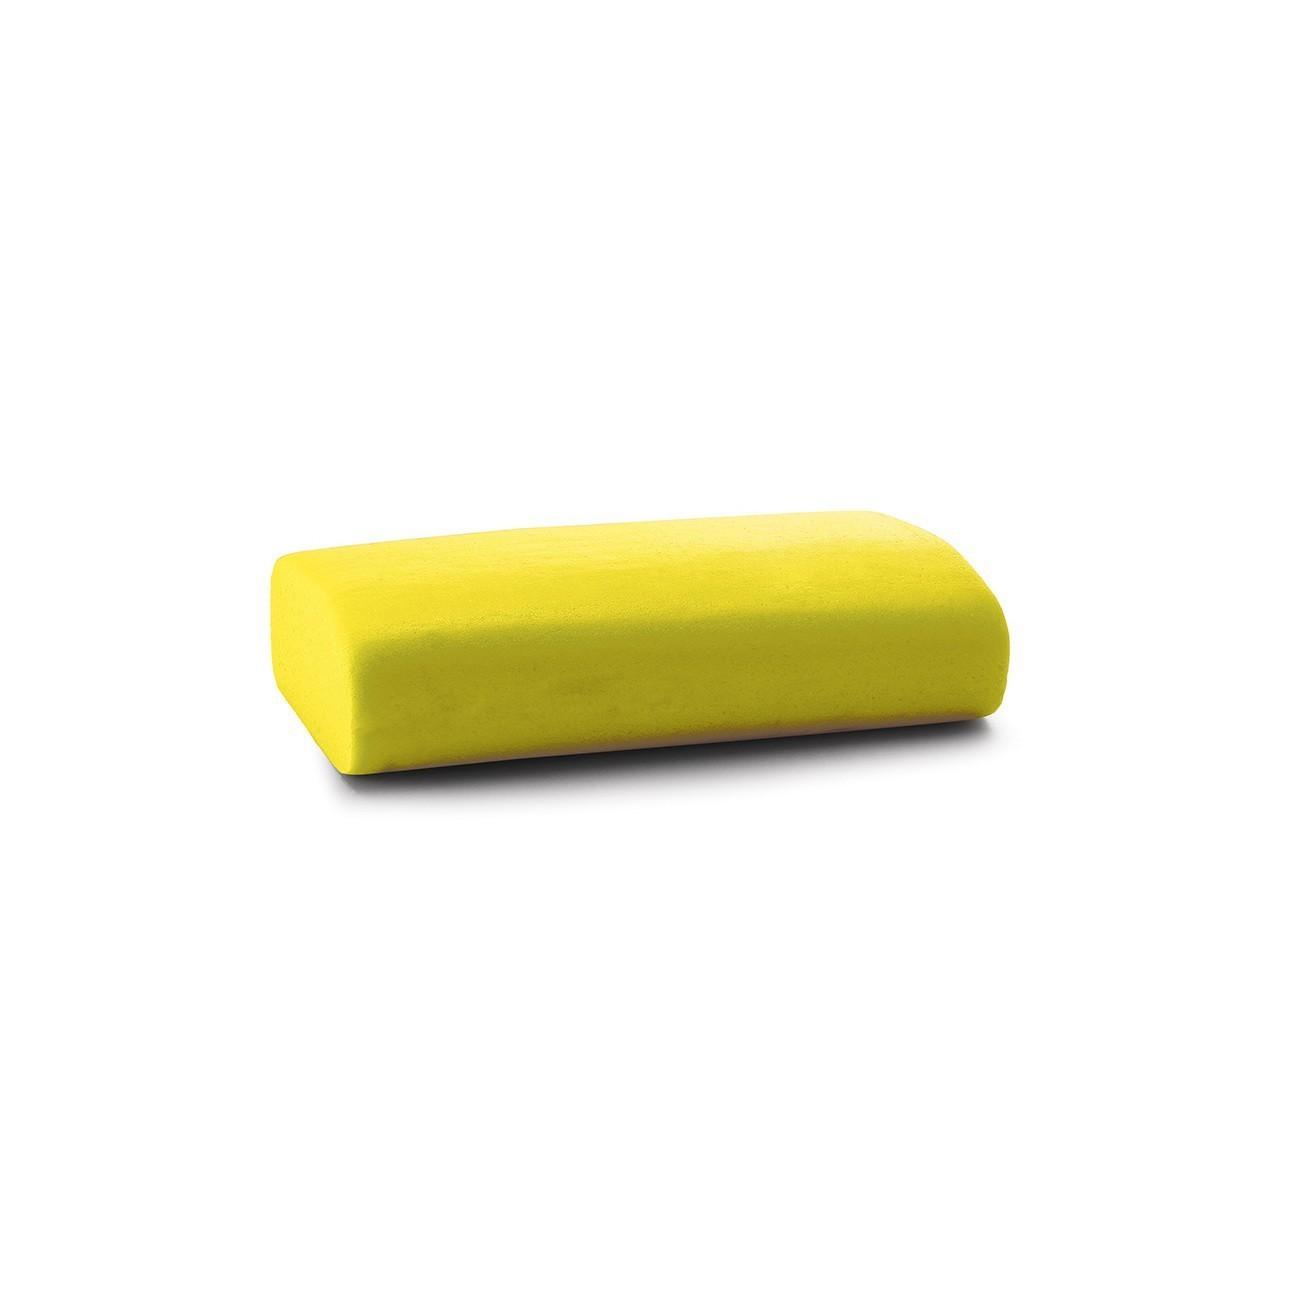 pate a sucre jaune en pain de 1 kg